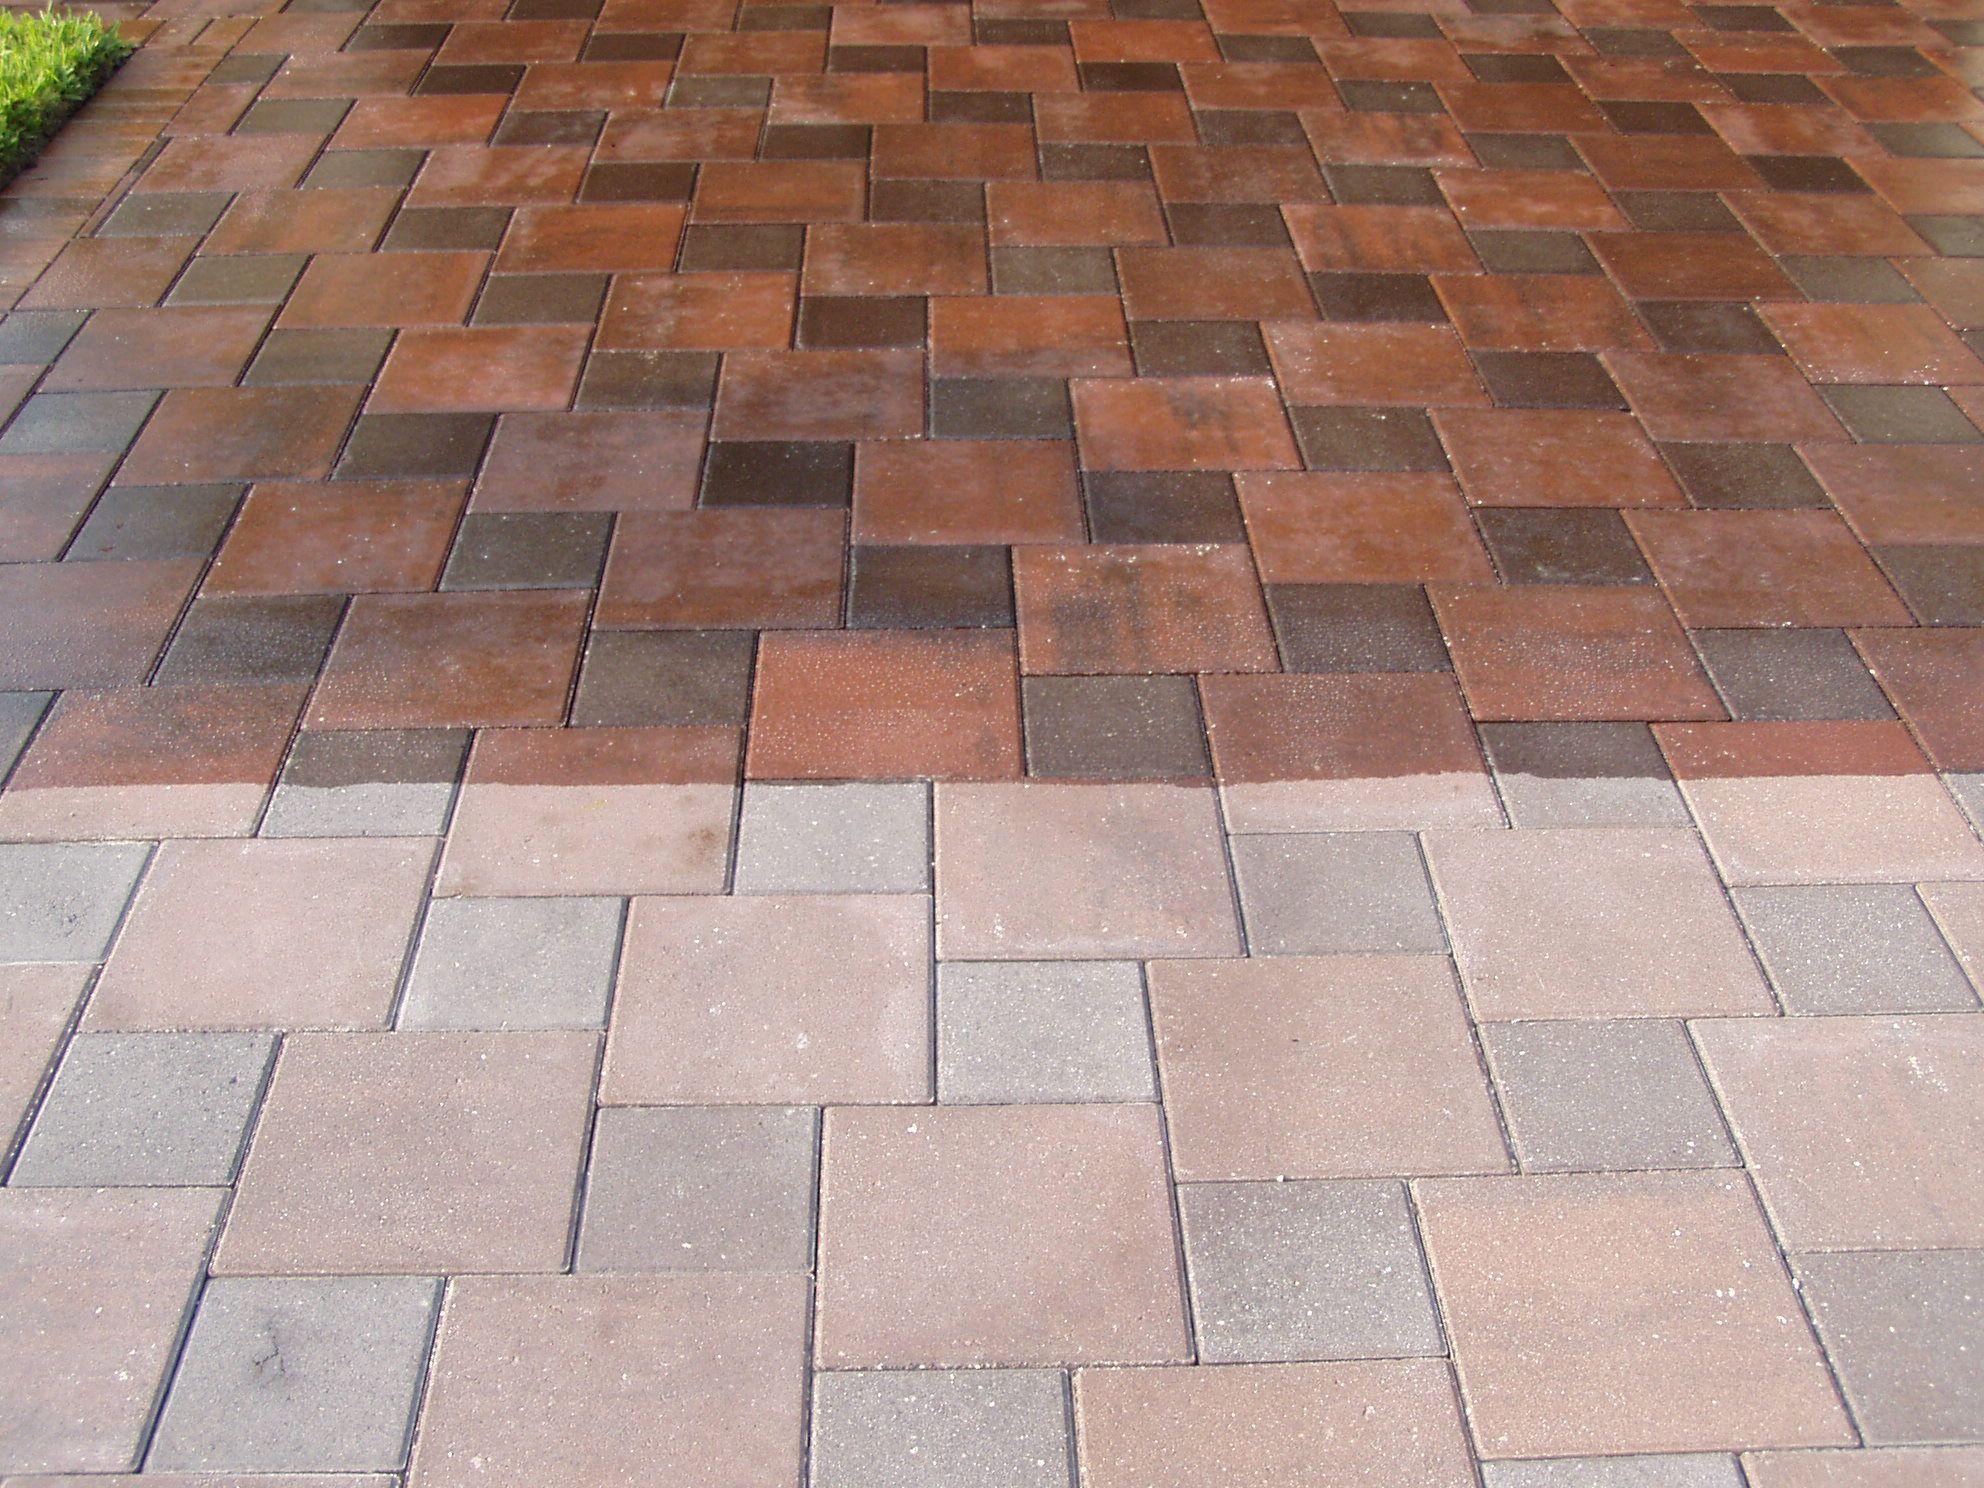 Sealing Pavers Dallas in 2020 Brick pavers, Interlocking